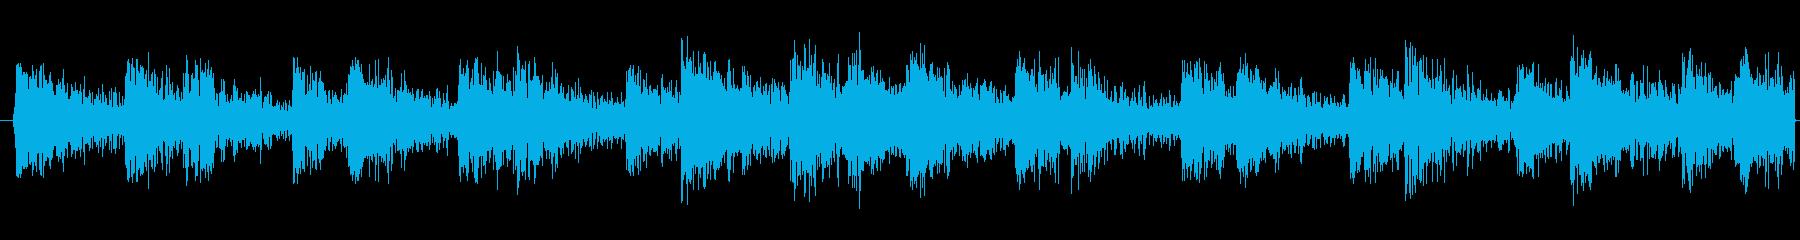 ループ可能な太鼓リズムトラックの再生済みの波形